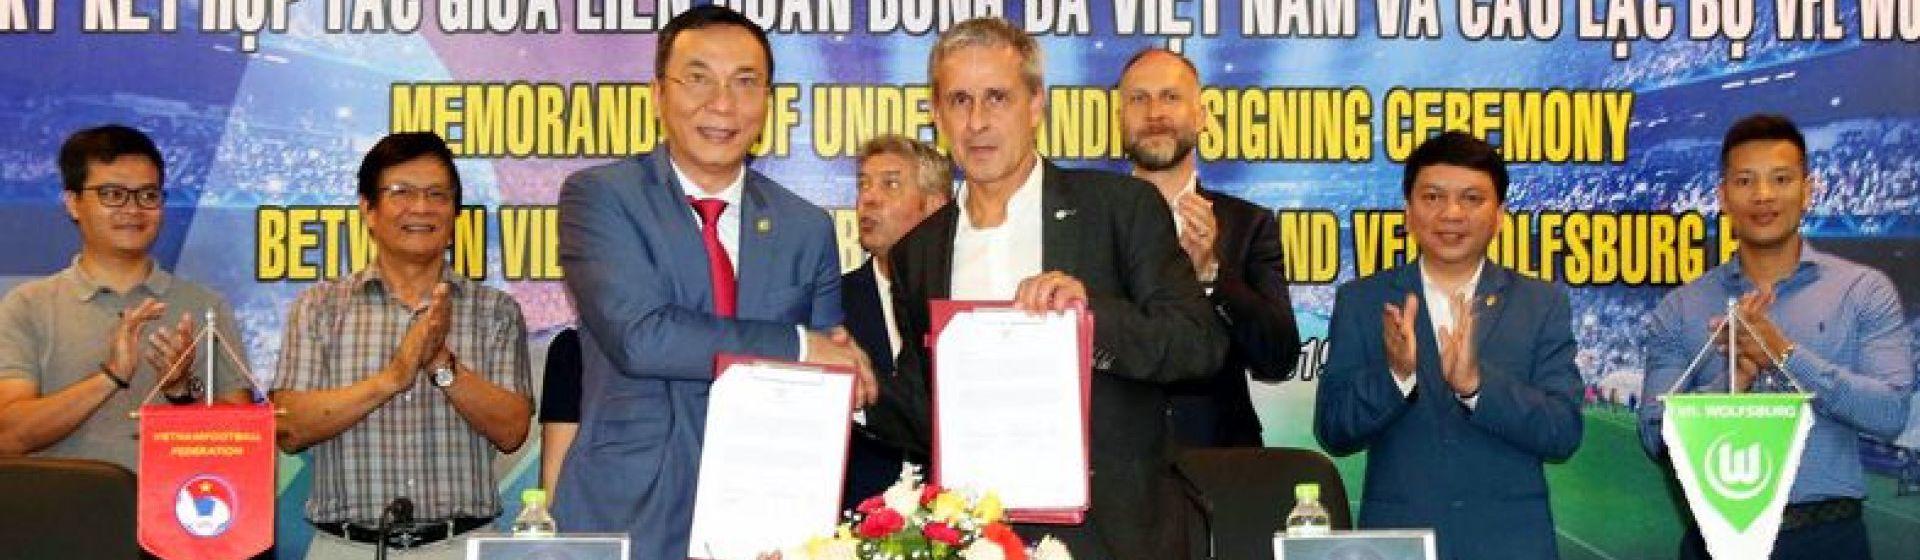 VfL Wolfsburg Vietnam